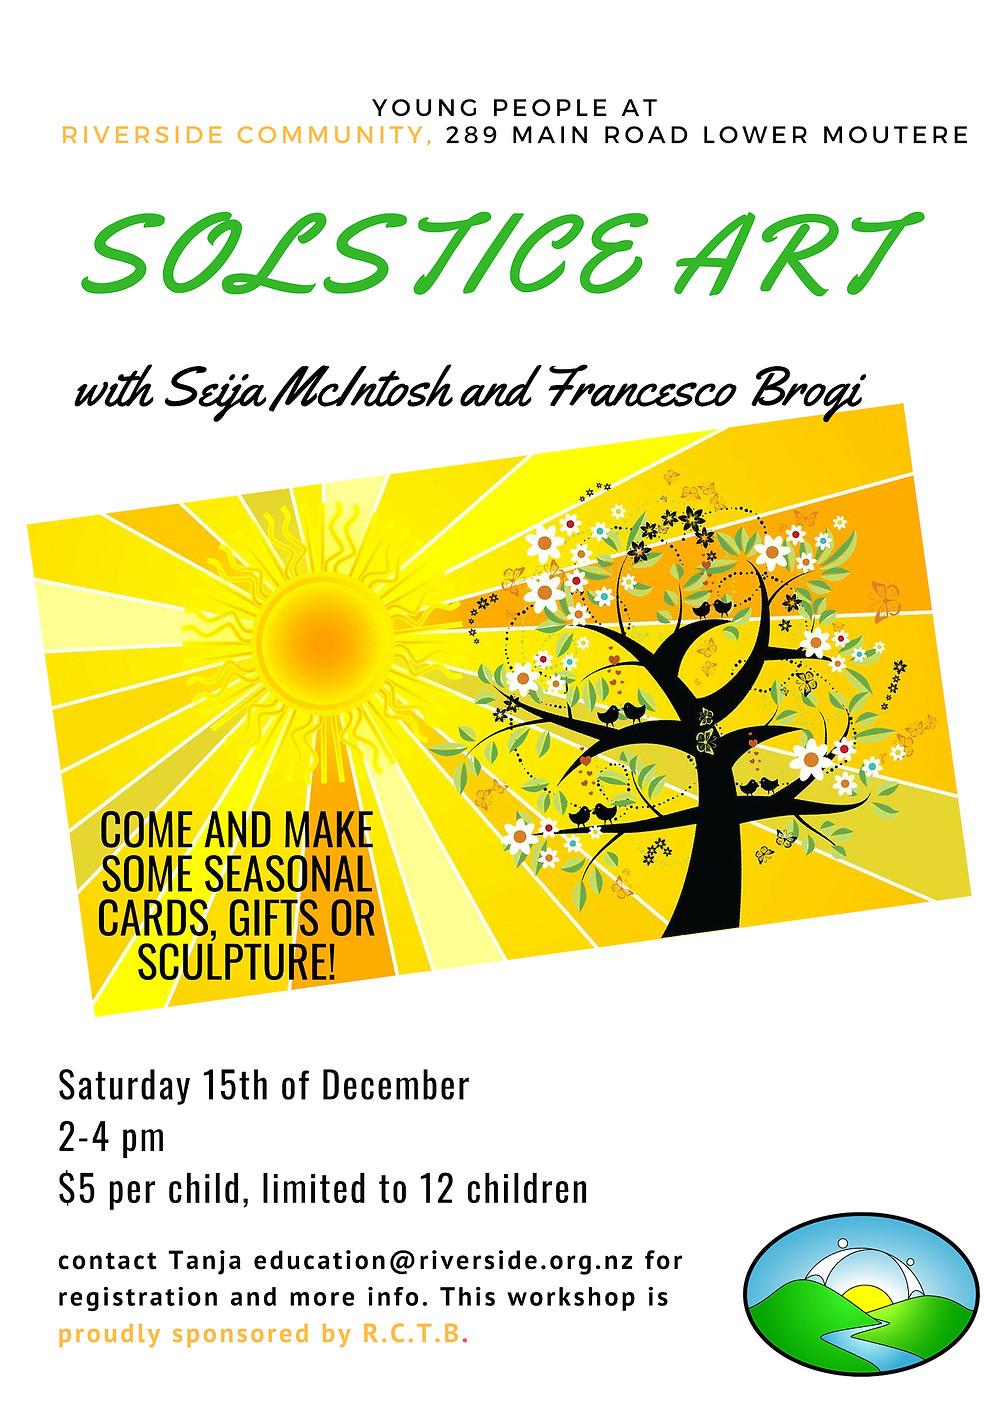 Solstice Art Riverside Workshop